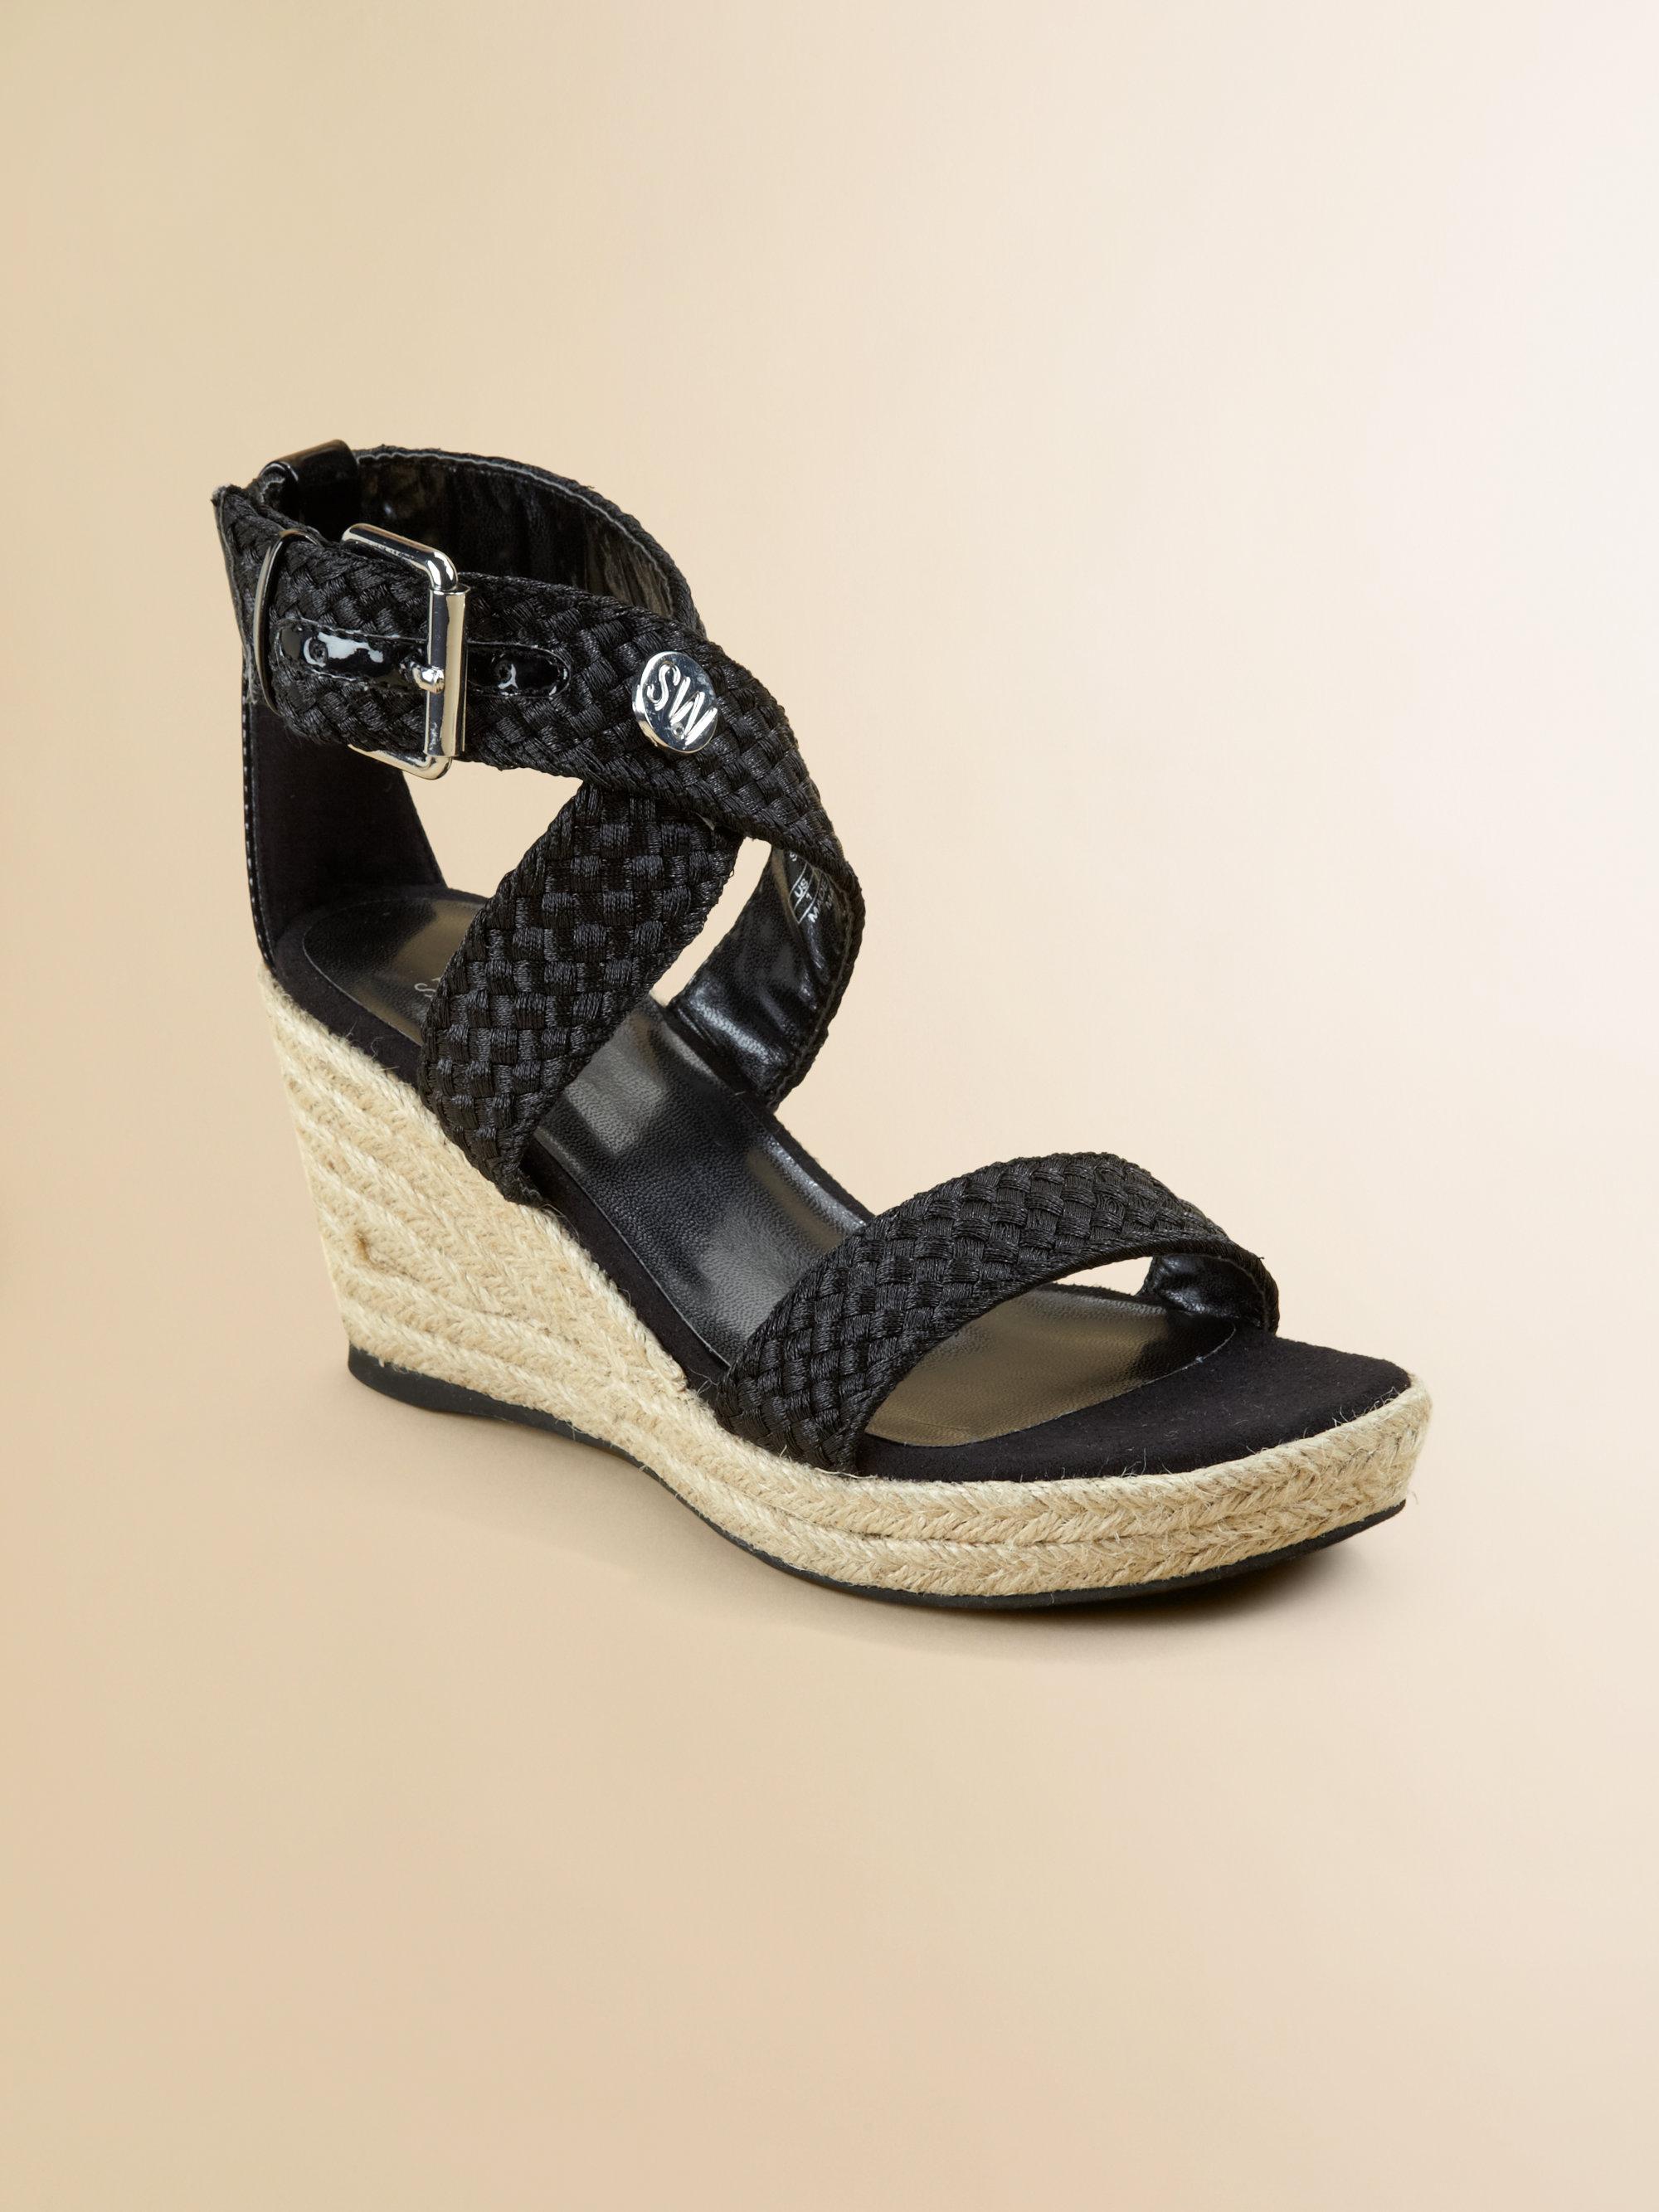 stuart weitzman braided wedge sandals in black lyst